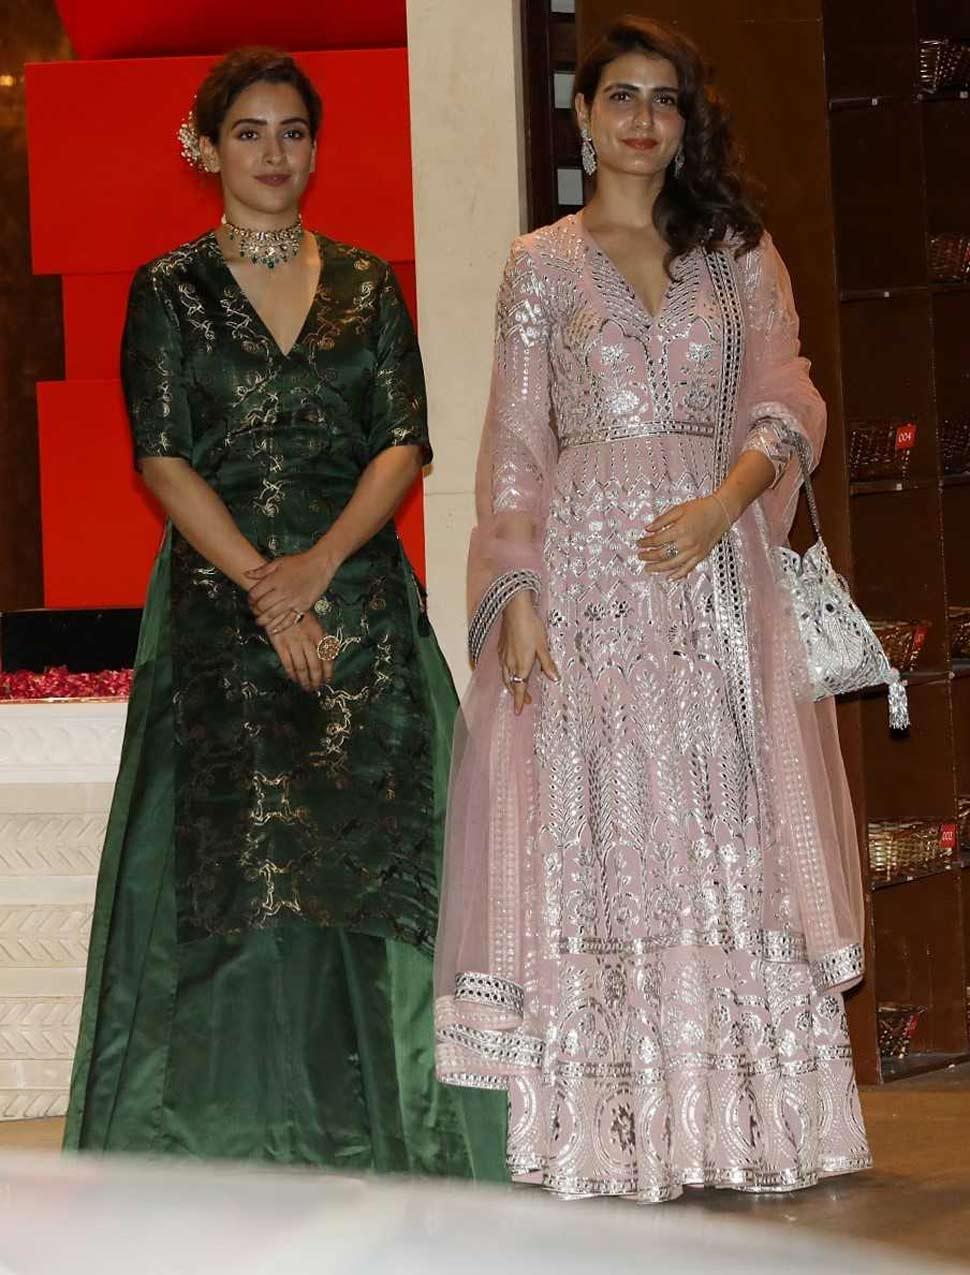 Dangal Girls Sanya with Fatima